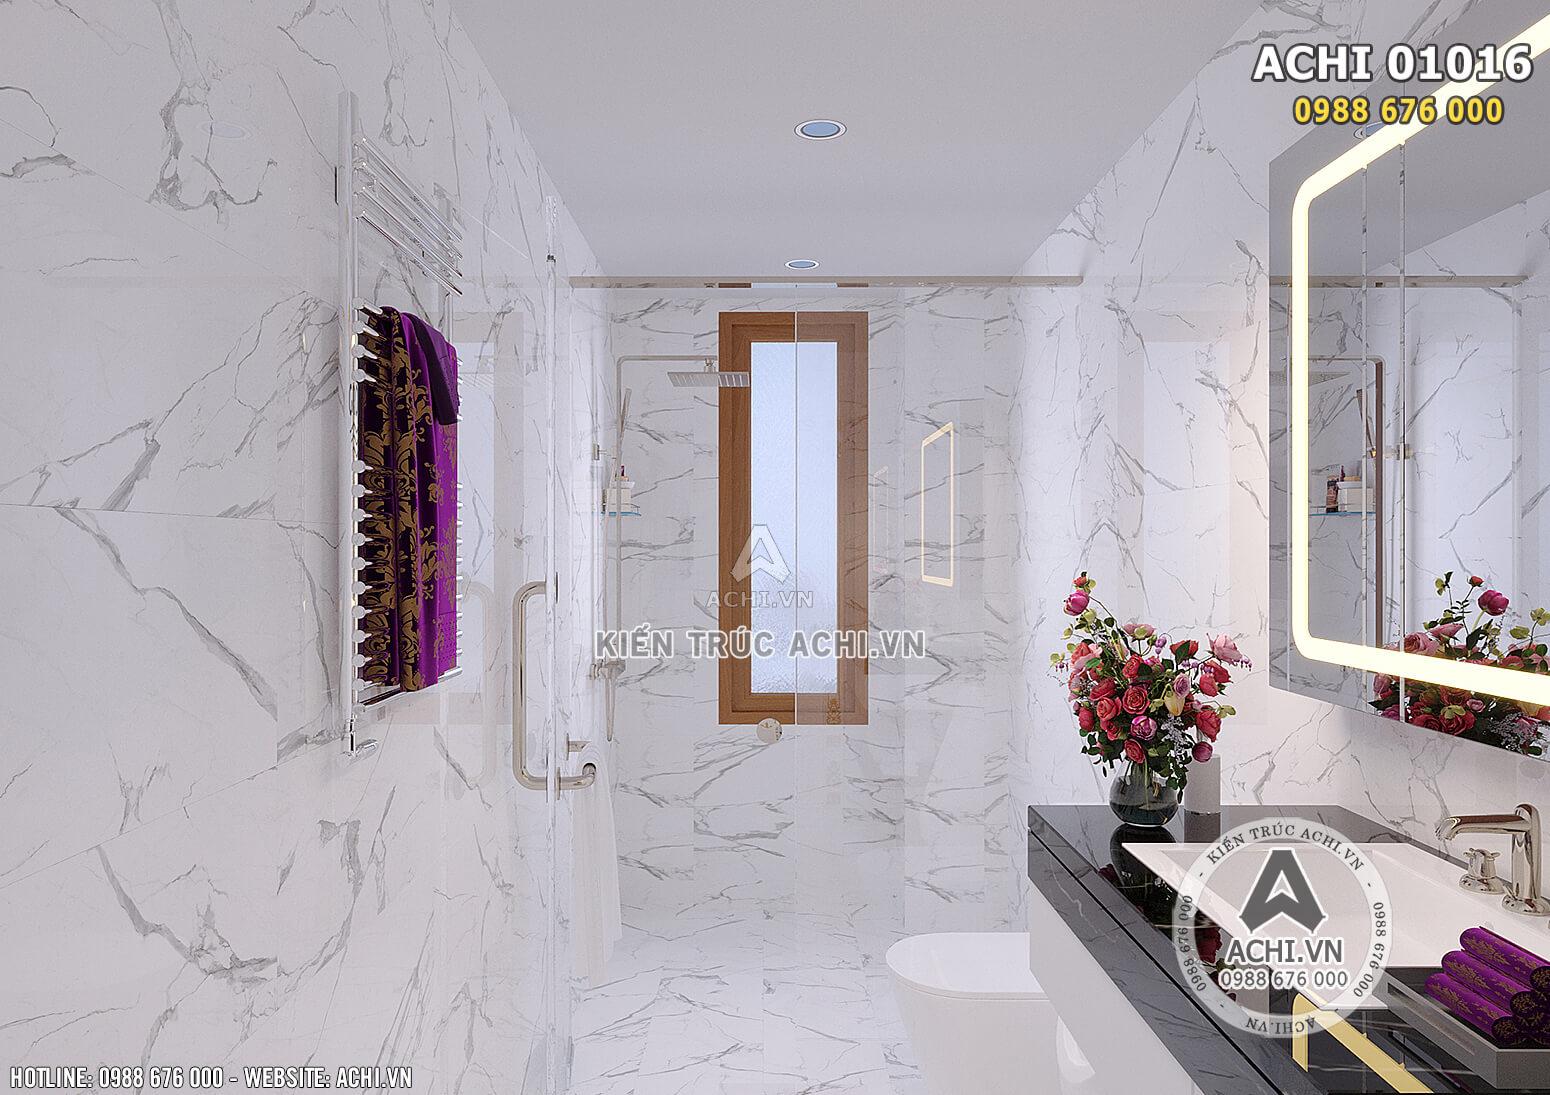 Hình ảnh: Không gian phòng vệ sinh được tích hợp các đồ nội thất Châu Âu - ACHI 01016